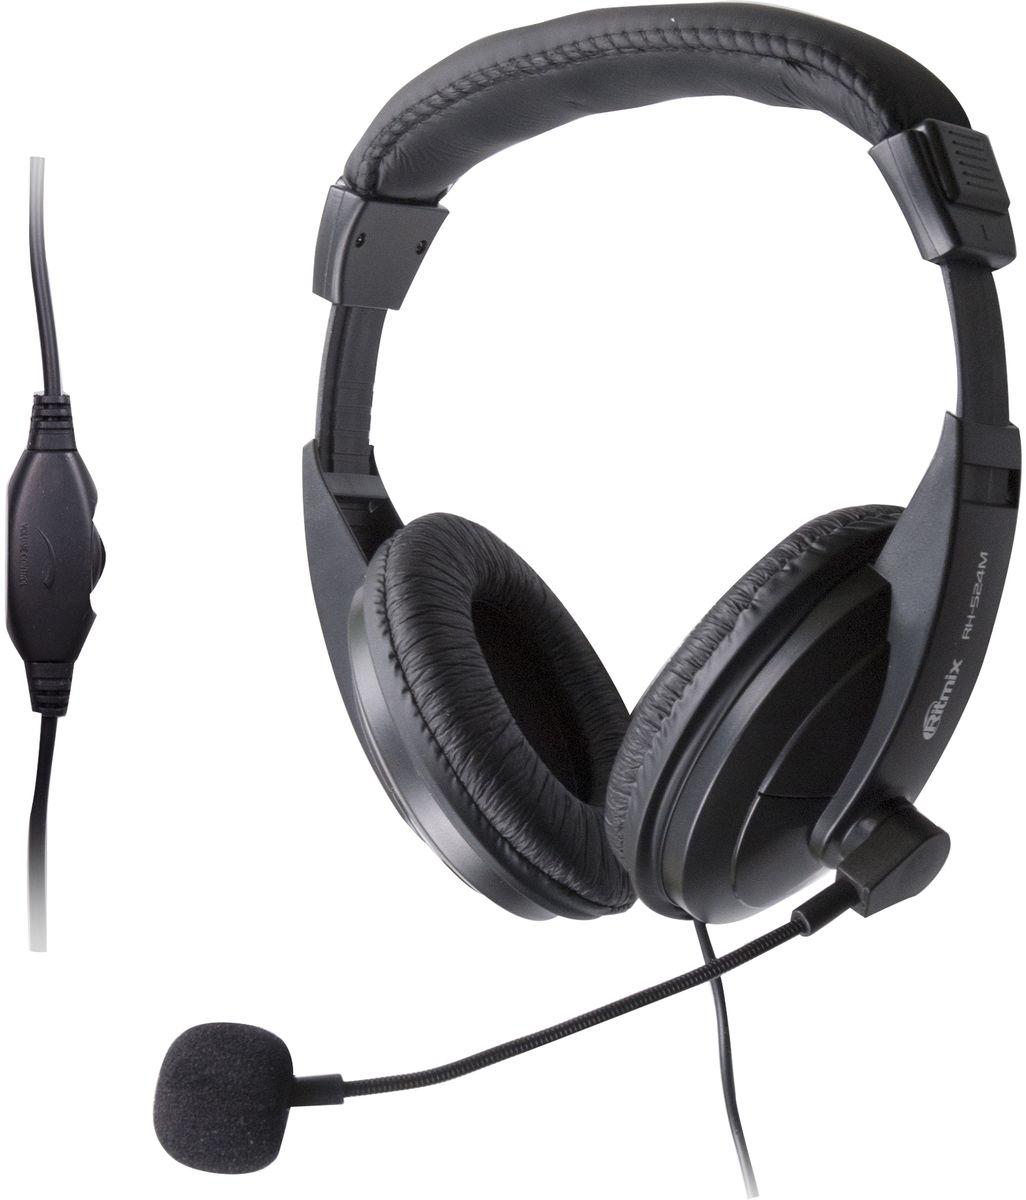 Ritmix RH-524M, Black игровые наушники15119227Ritmix RH-524M – это игровая стереогарнитура, которая идеально подходит для компьютерных игр, распознавания речи, интернет-телефонии и работы со всеми приложениями VoIP, а также для разговоров по Skype.Гарнитура имеет регулируемое оголовье и гибкую ножку у микрофона, что обеспечивает комфортную посадку и удобство использования. А крупные 40 мм динамики обеспечивают объёмное живое звучание.